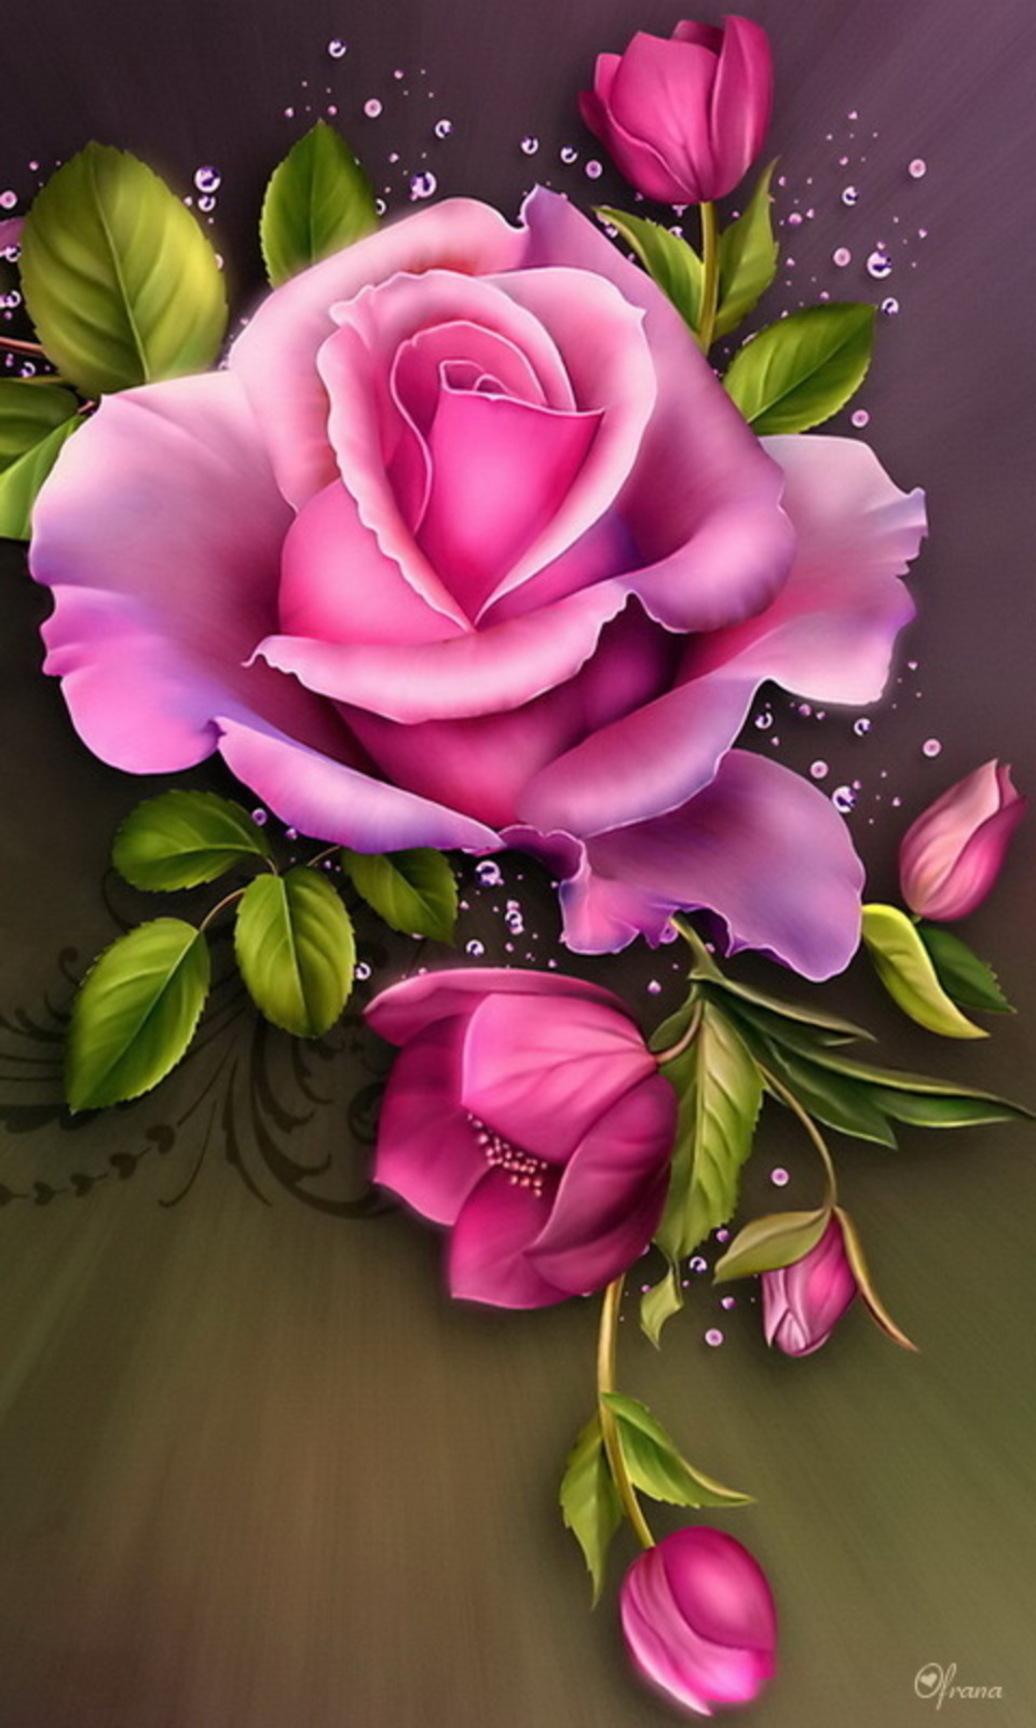 картинки розы на телефон скачать бесплатно